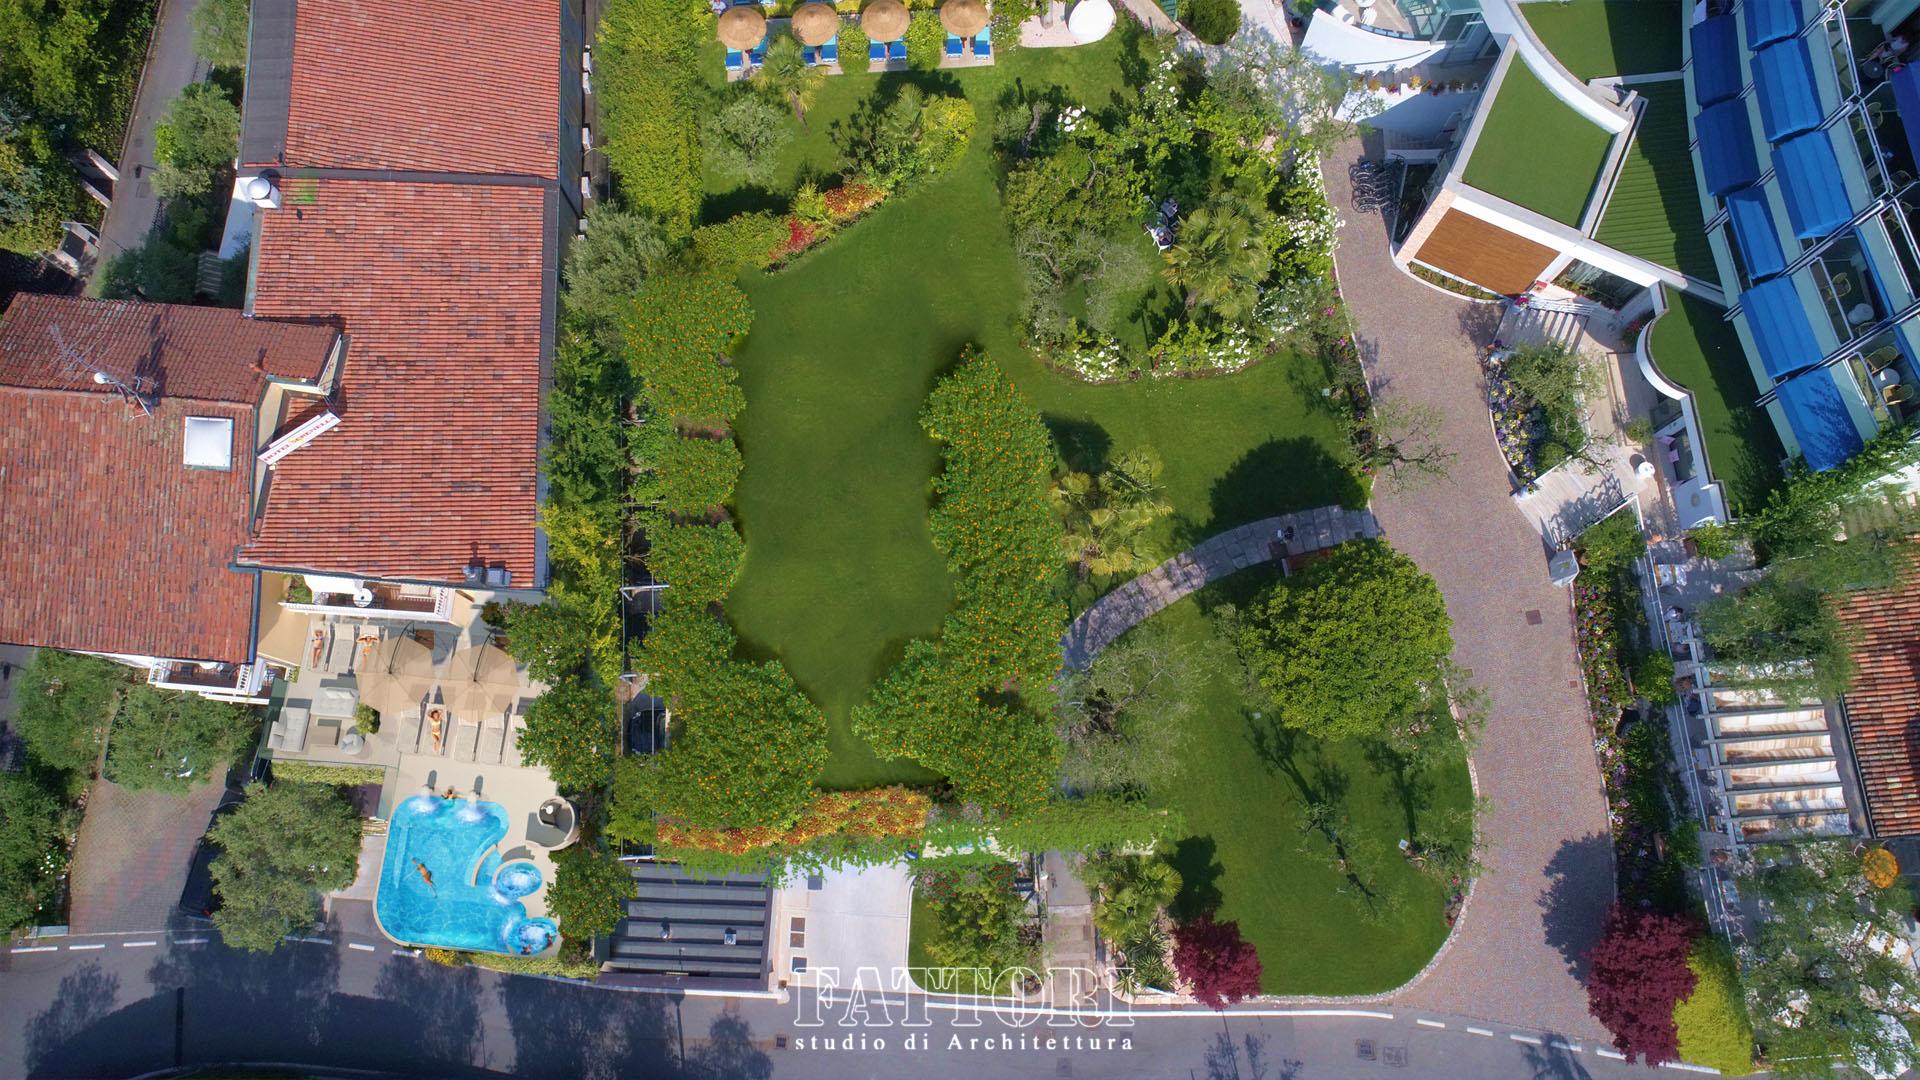 Studio di Architettura Fattori Fausto - Hotel Serenella Sirmione - proposta copertura parcheggio e SPA_dopo1